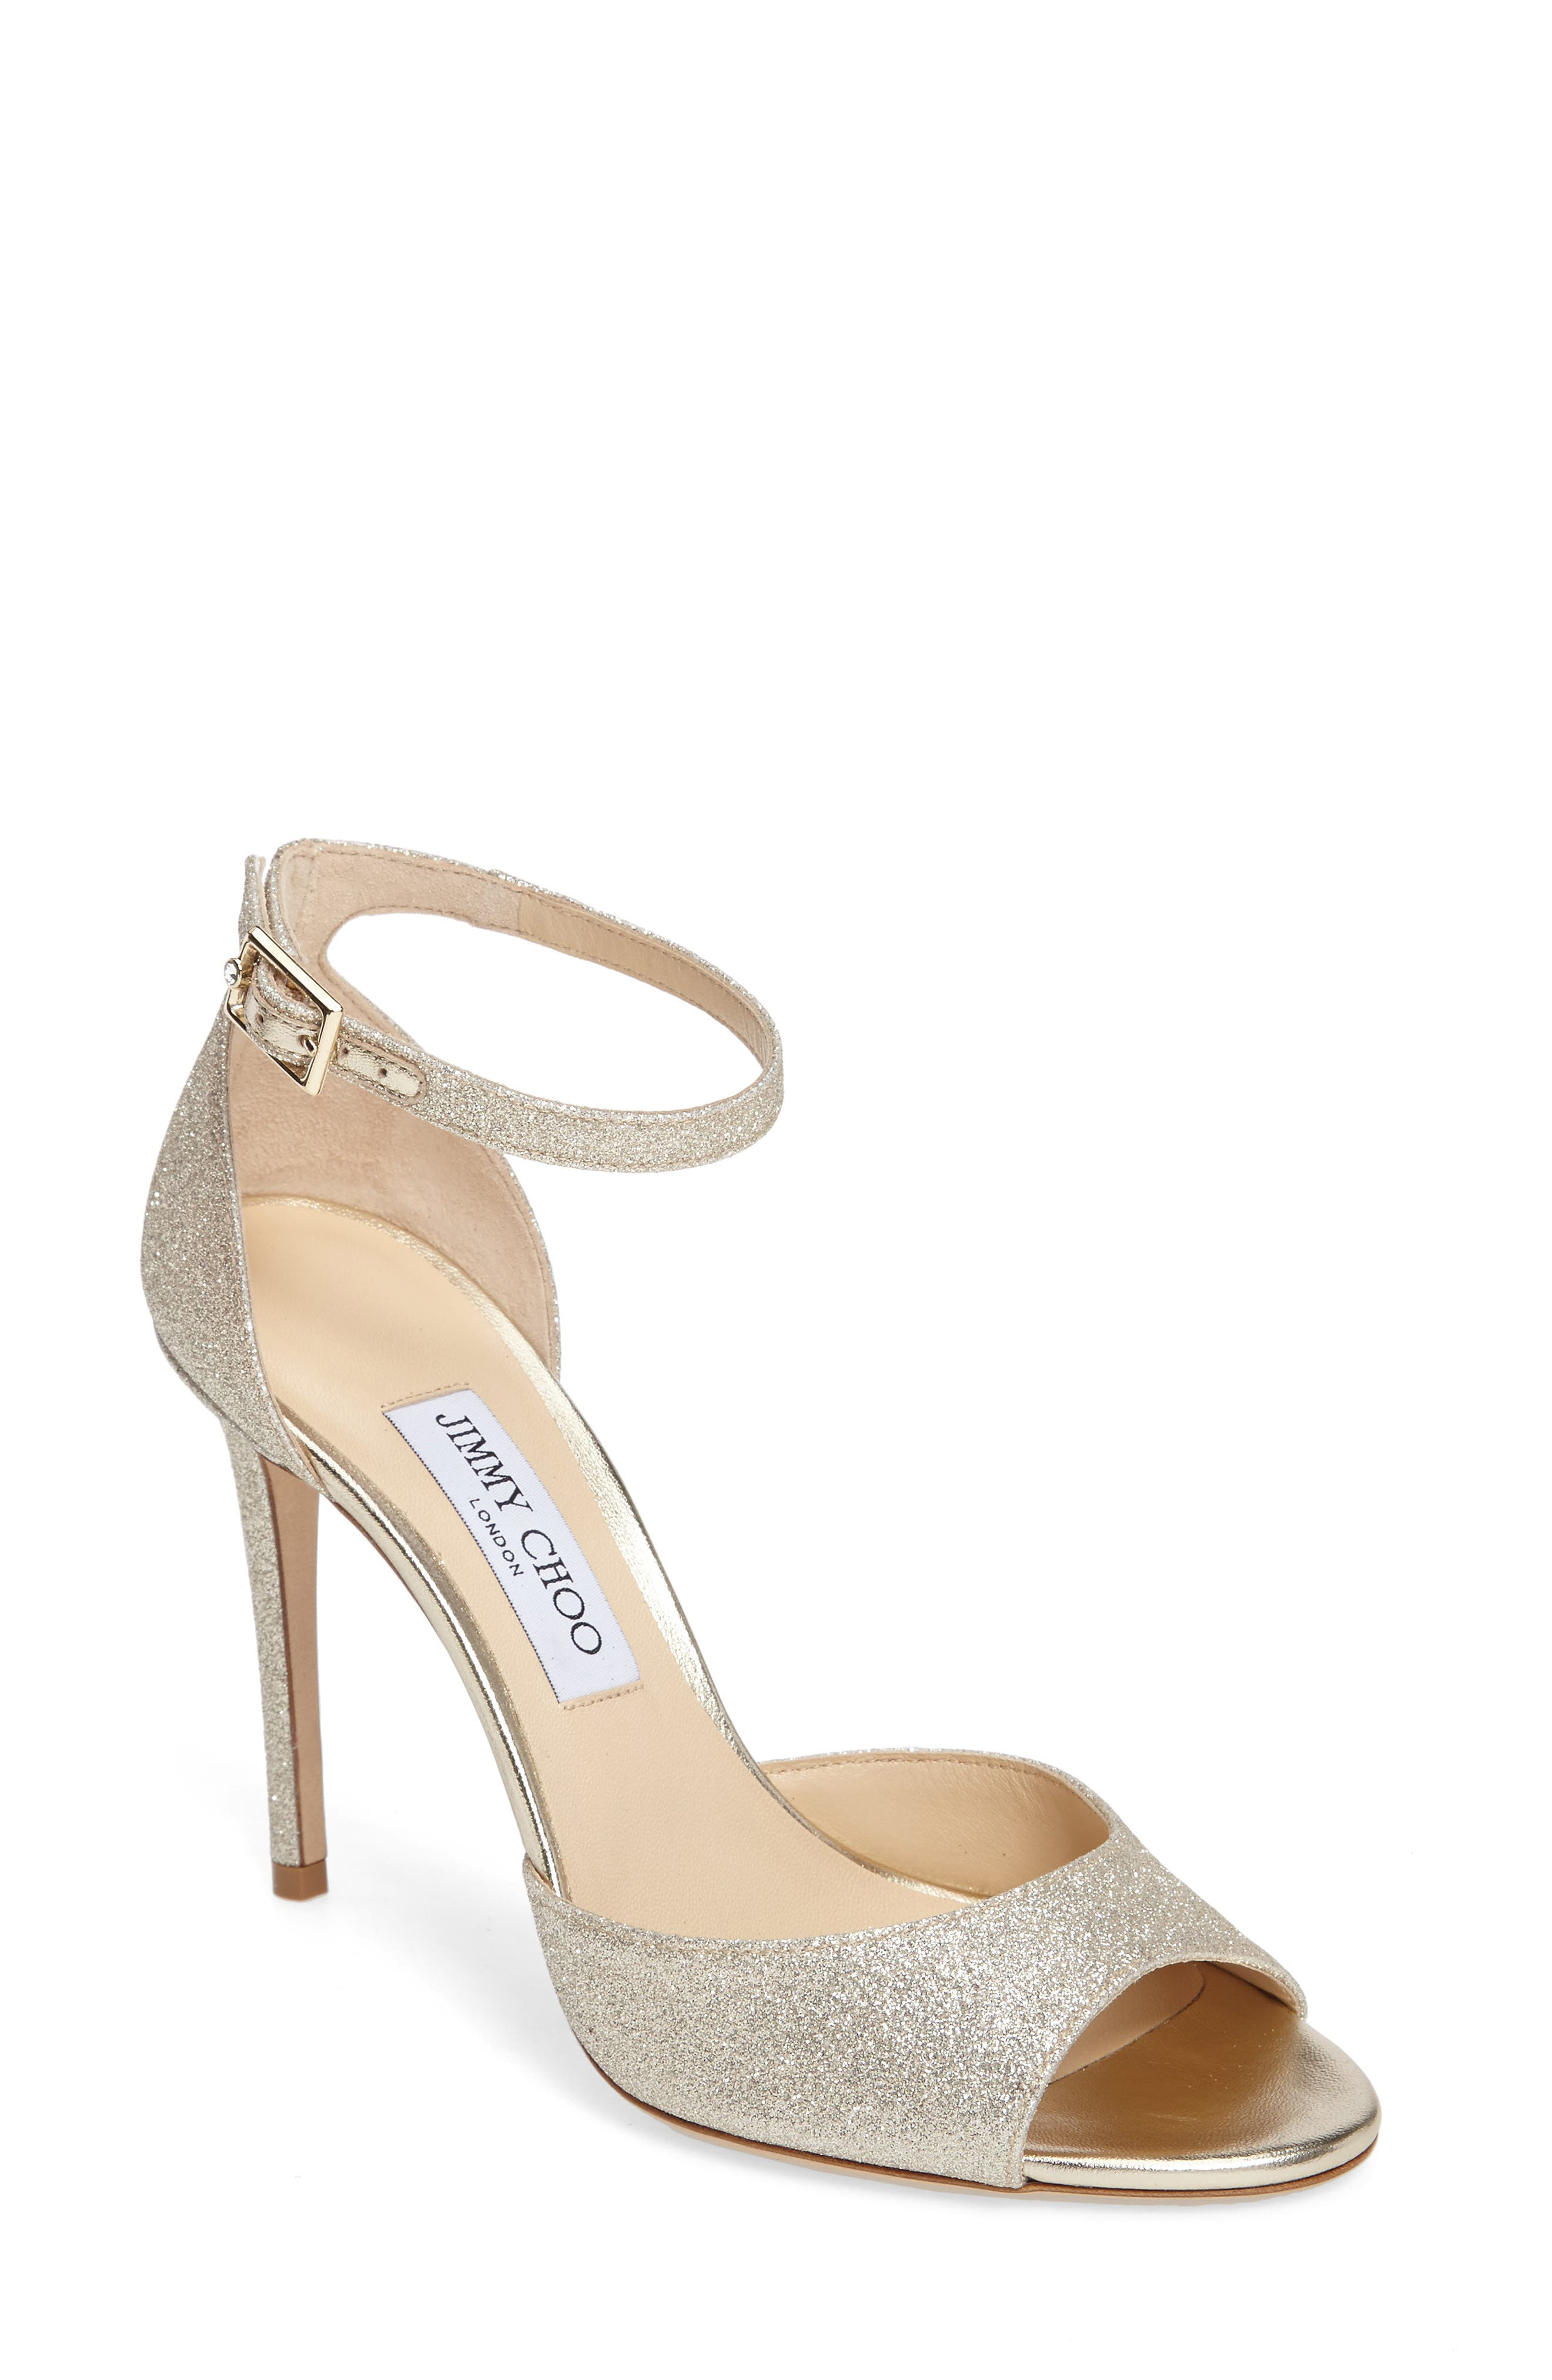 JIMMY CHOO Annie Ankle Strap Sandal, Main, color, PLATINUM